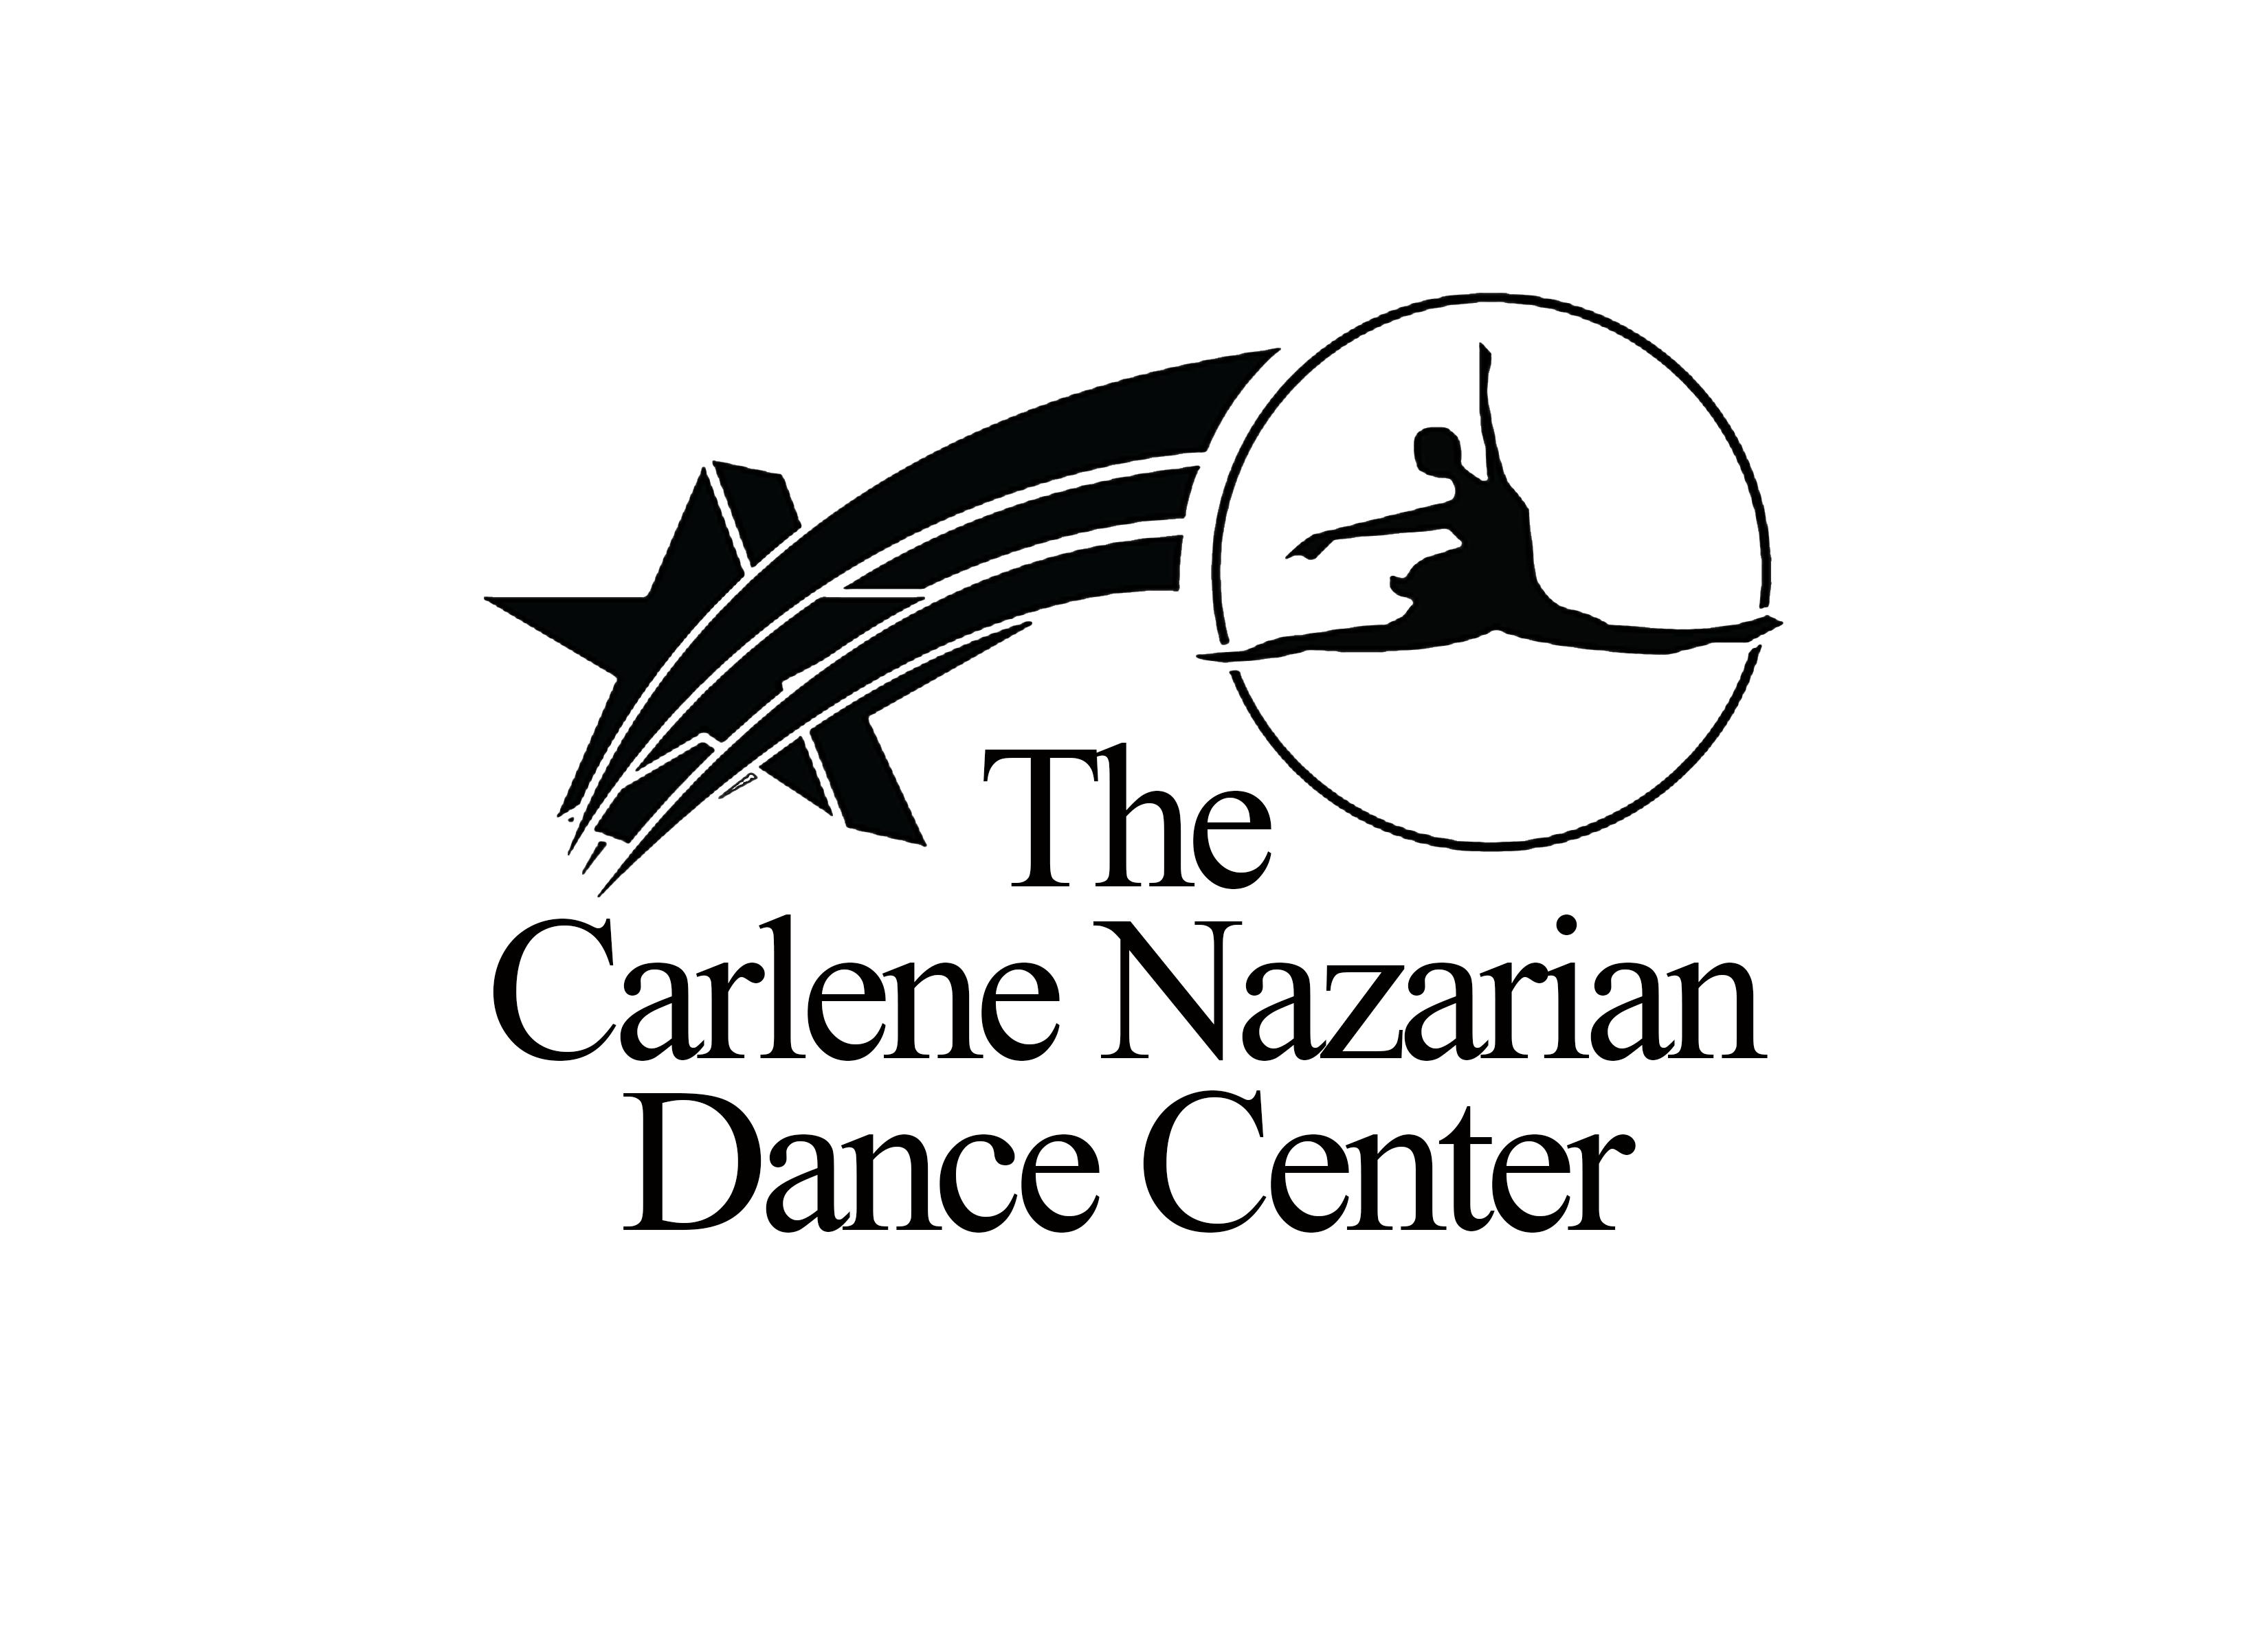 Carlene Nazarian Dance Center, Salem, NH